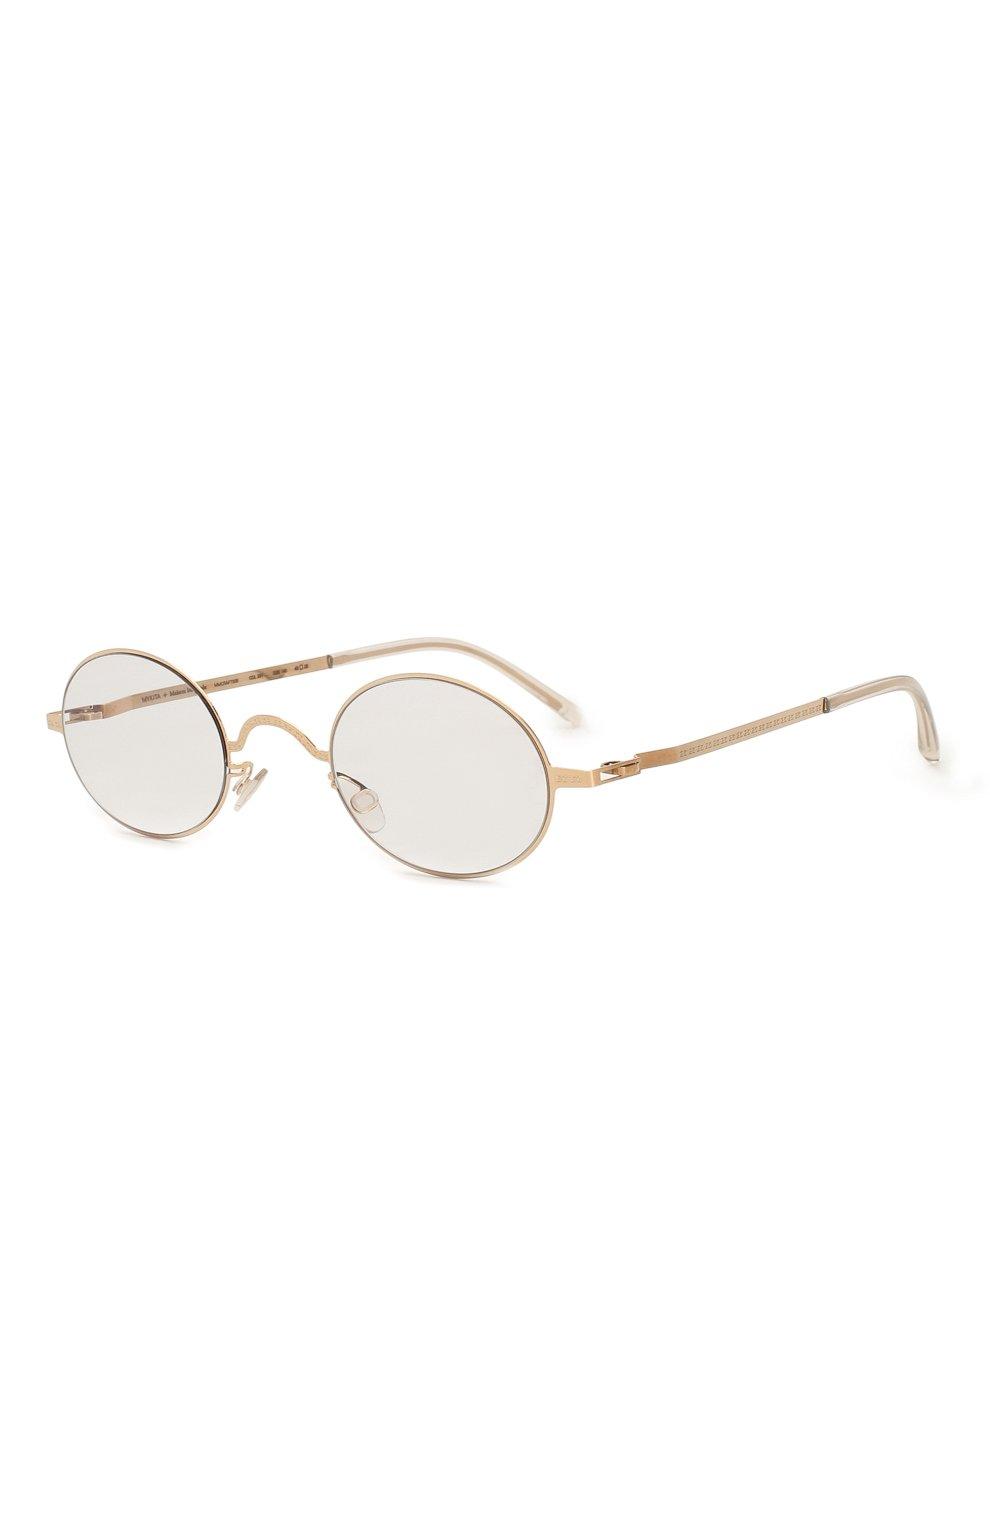 Женские солнцезащитные очки MAISON MARGIELA золотого цвета, арт. MMCRAFT 005/291   Фото 1